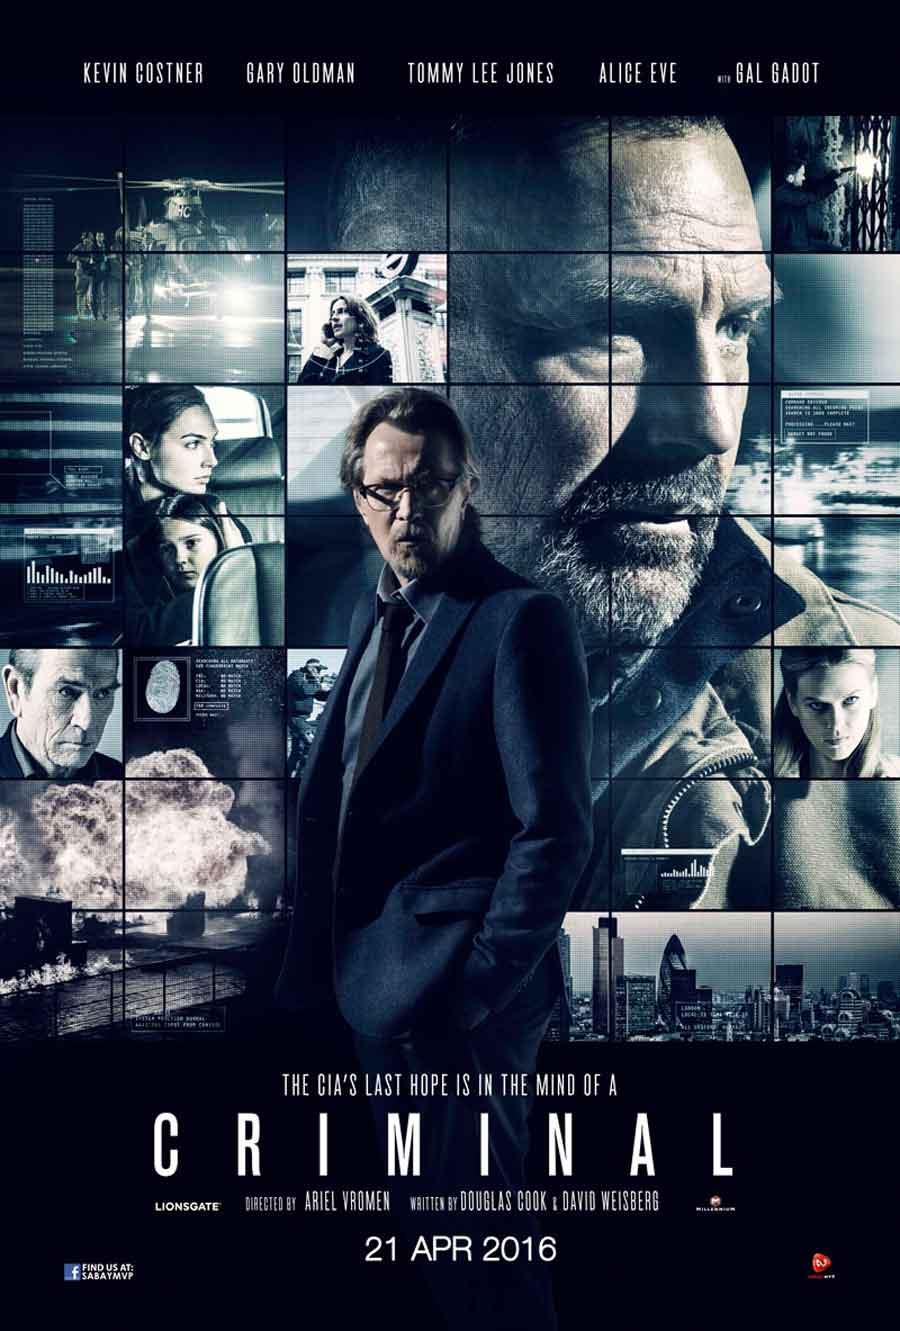 Poster for Criminal